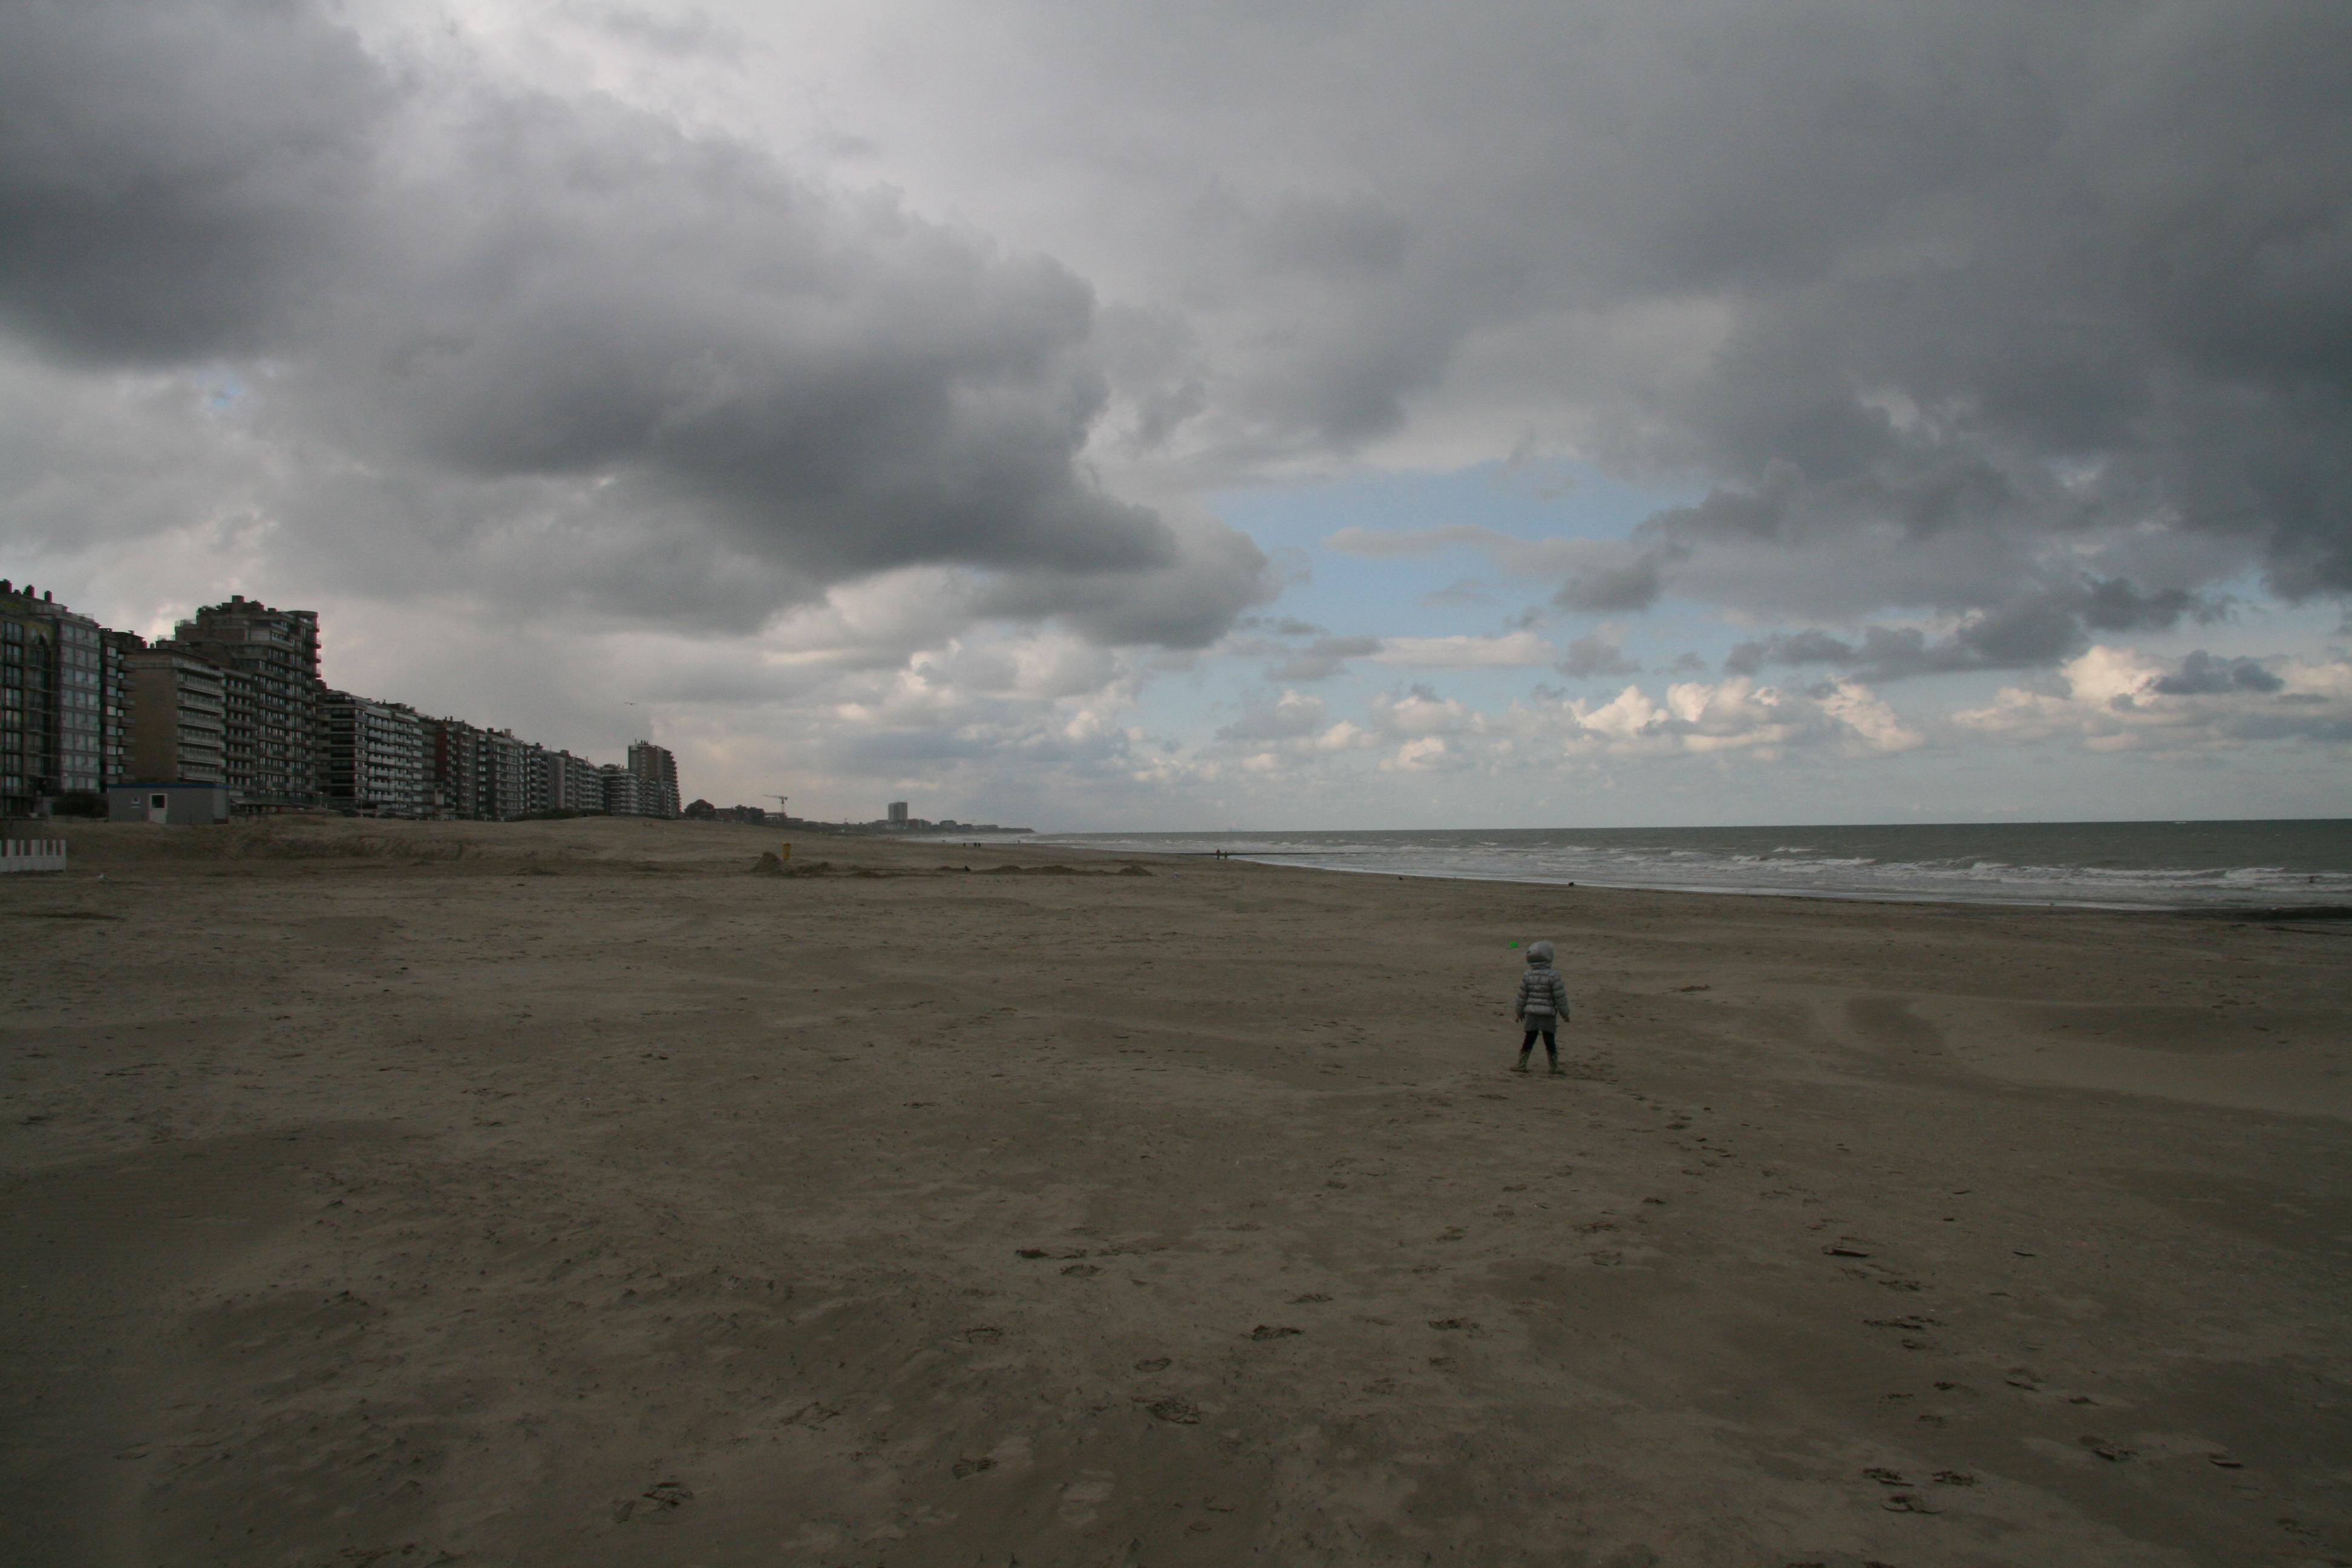 Belgi plopsaland strand zwembad en regen - Strand zwembad natuursteen ...